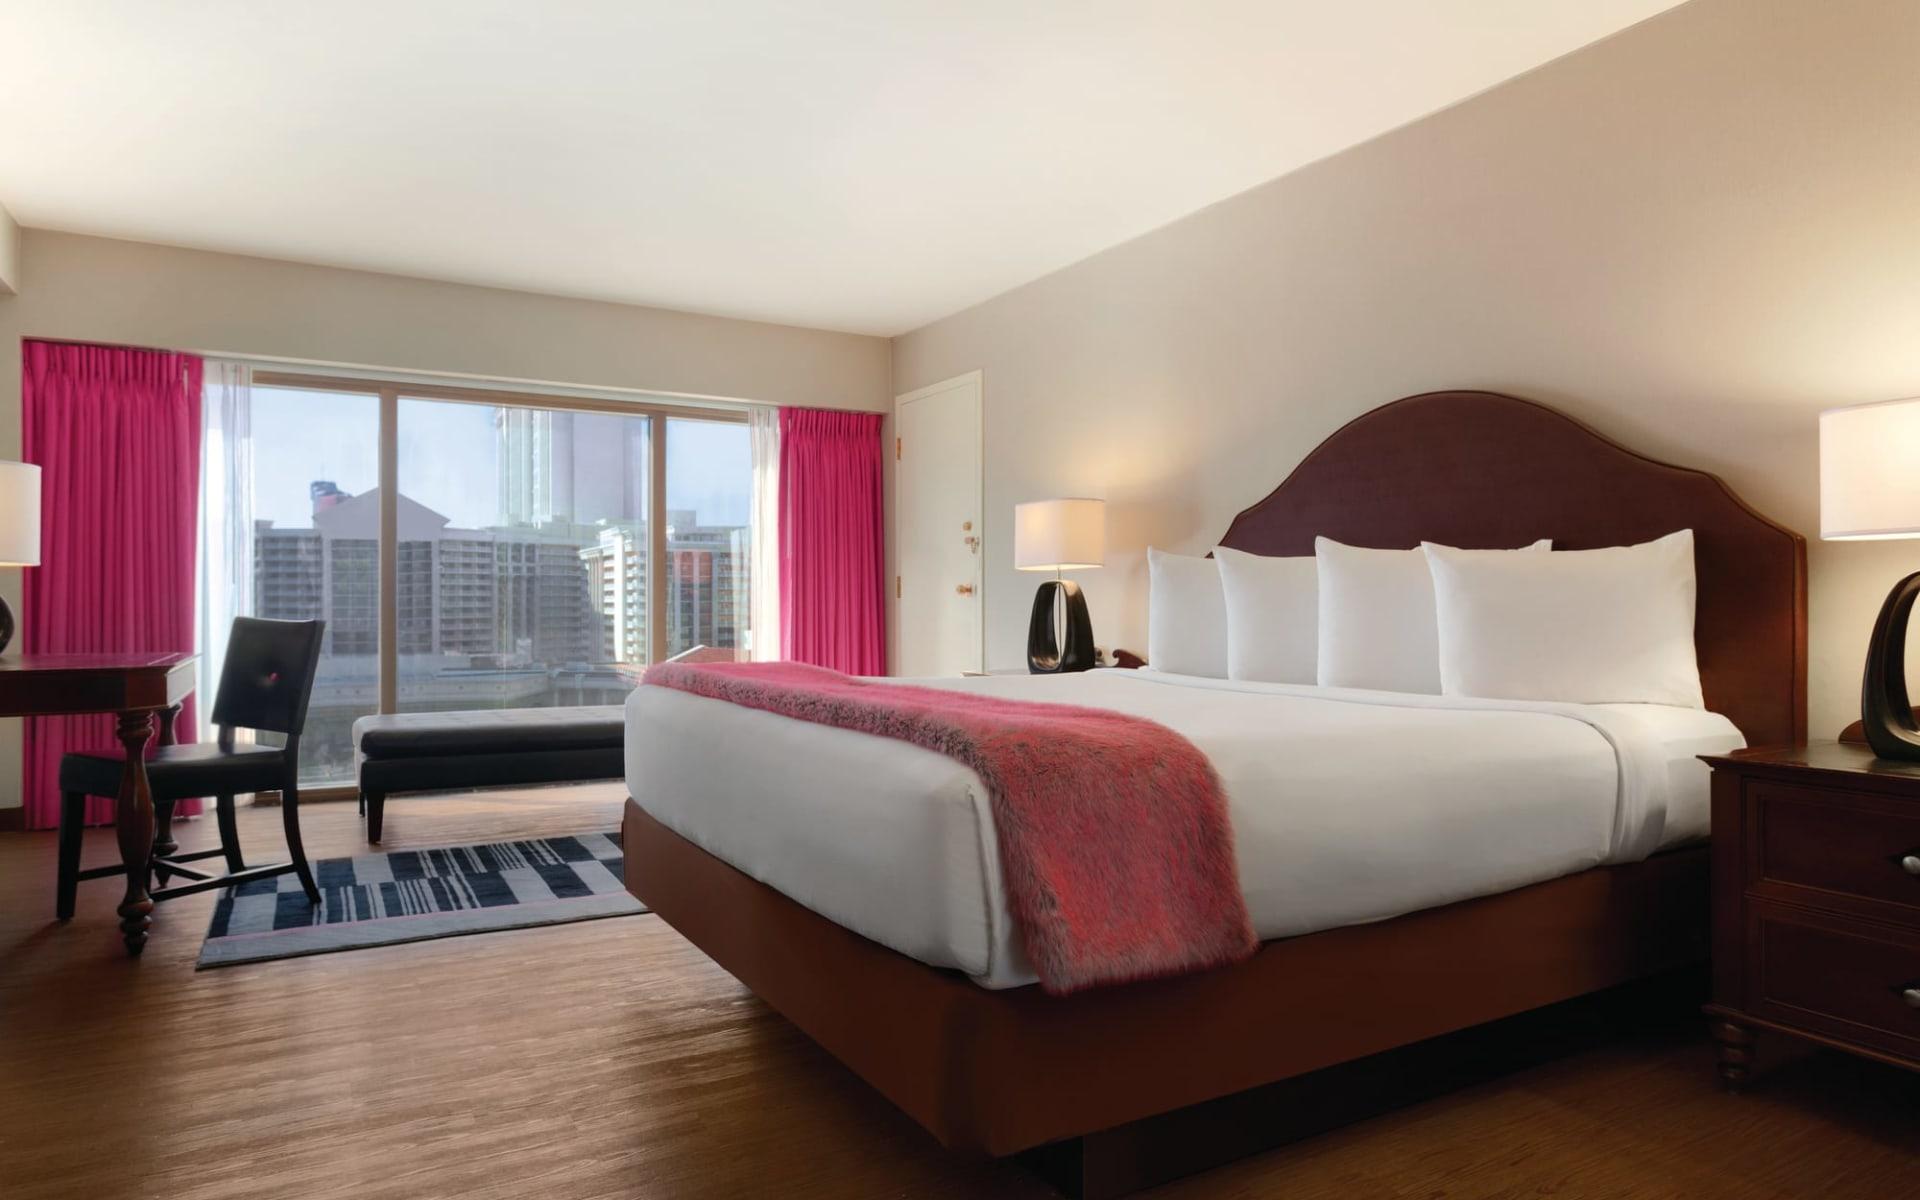 Flamingo Las Vegas:  Flamingo Las Vegas - Fabulous Room